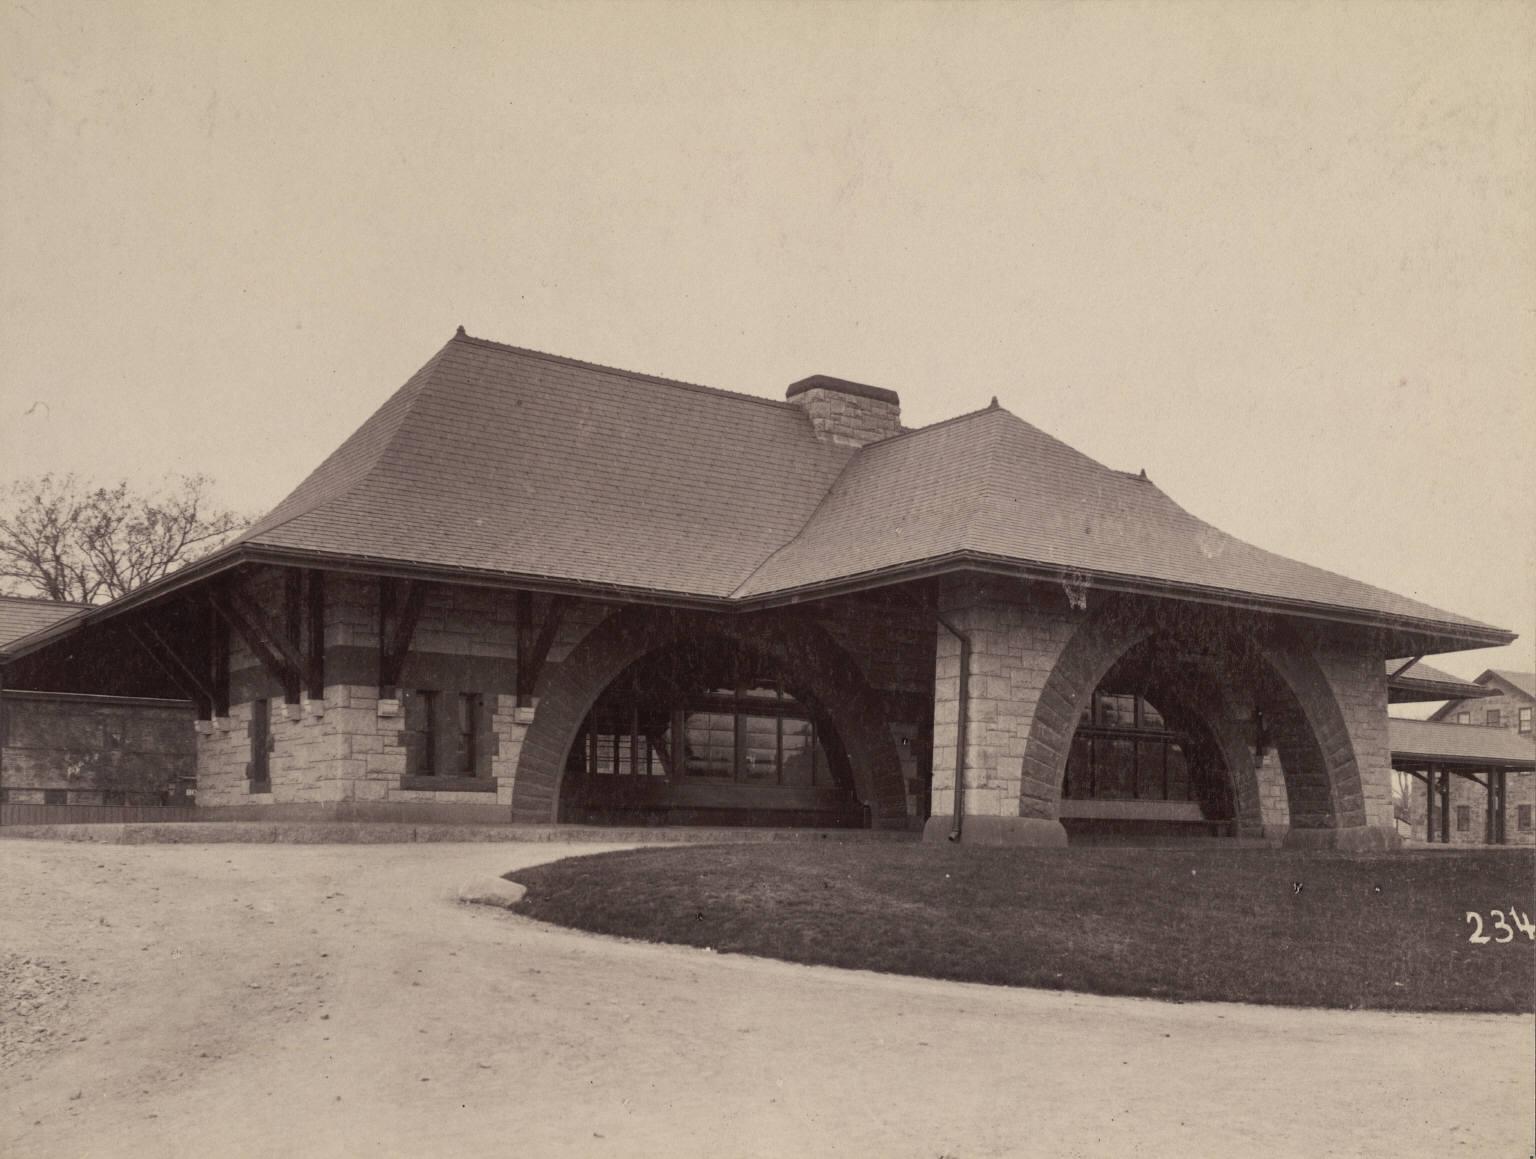 Архитектурный шедевр архитектора Генри Гобсона Ричардсона - Фото 1